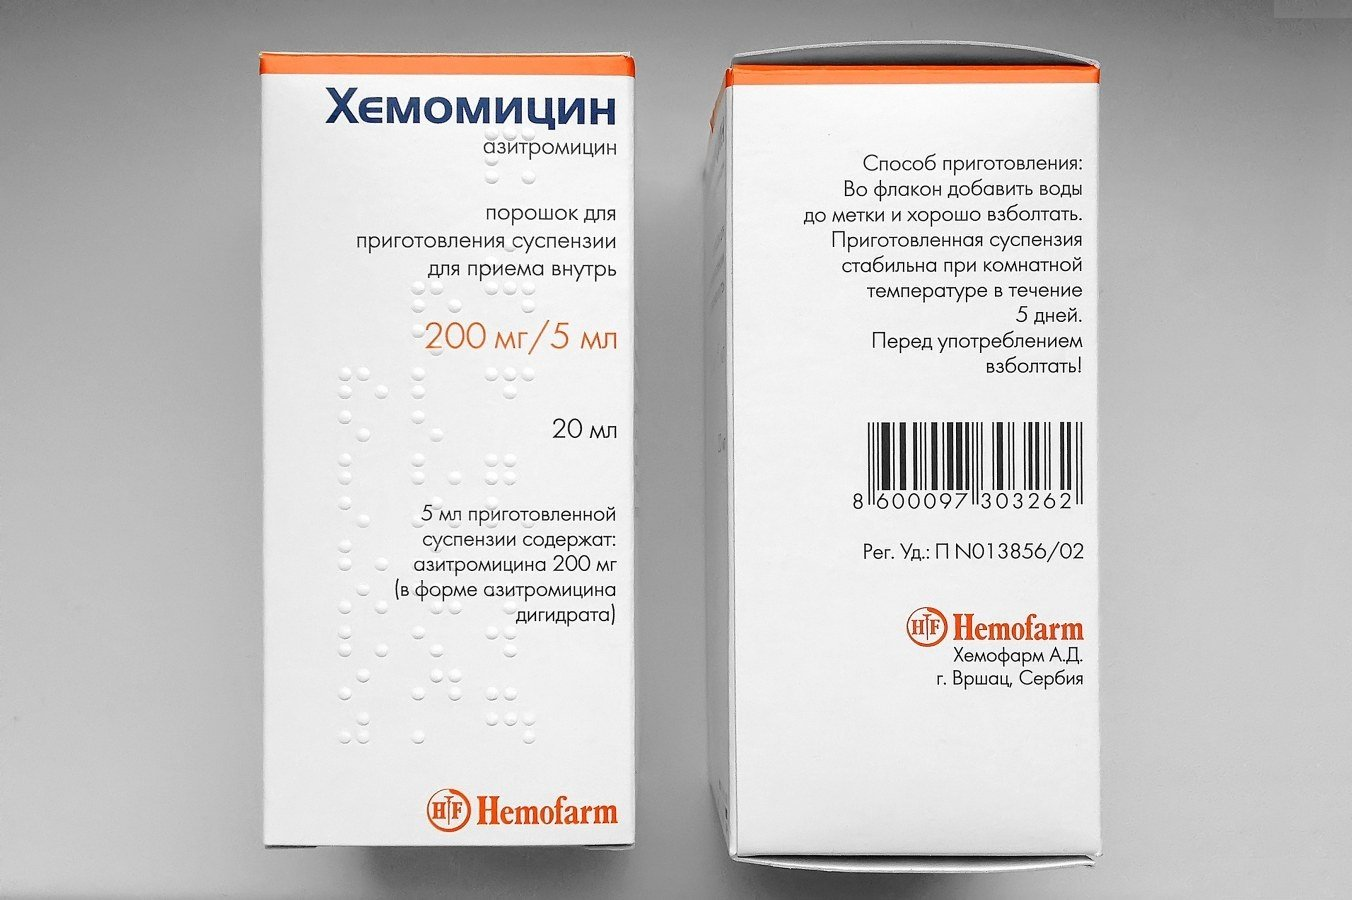 Насколько безопасен Хемомицин при лечении детей?